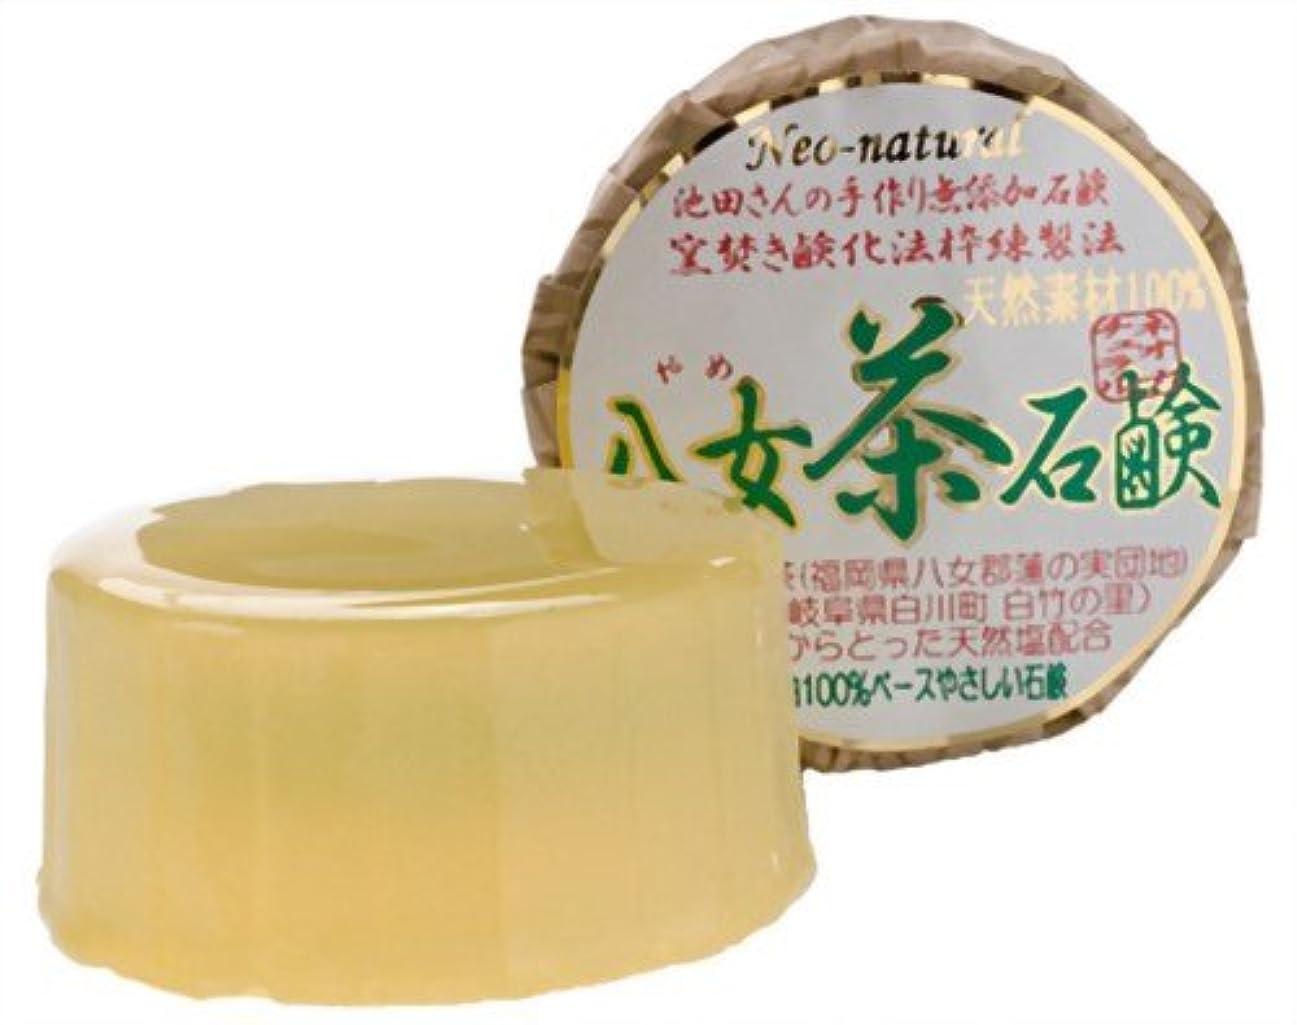 なかなかアライアンスコーナーネオナチュラル 池田さんの八女茶石鹸 80g